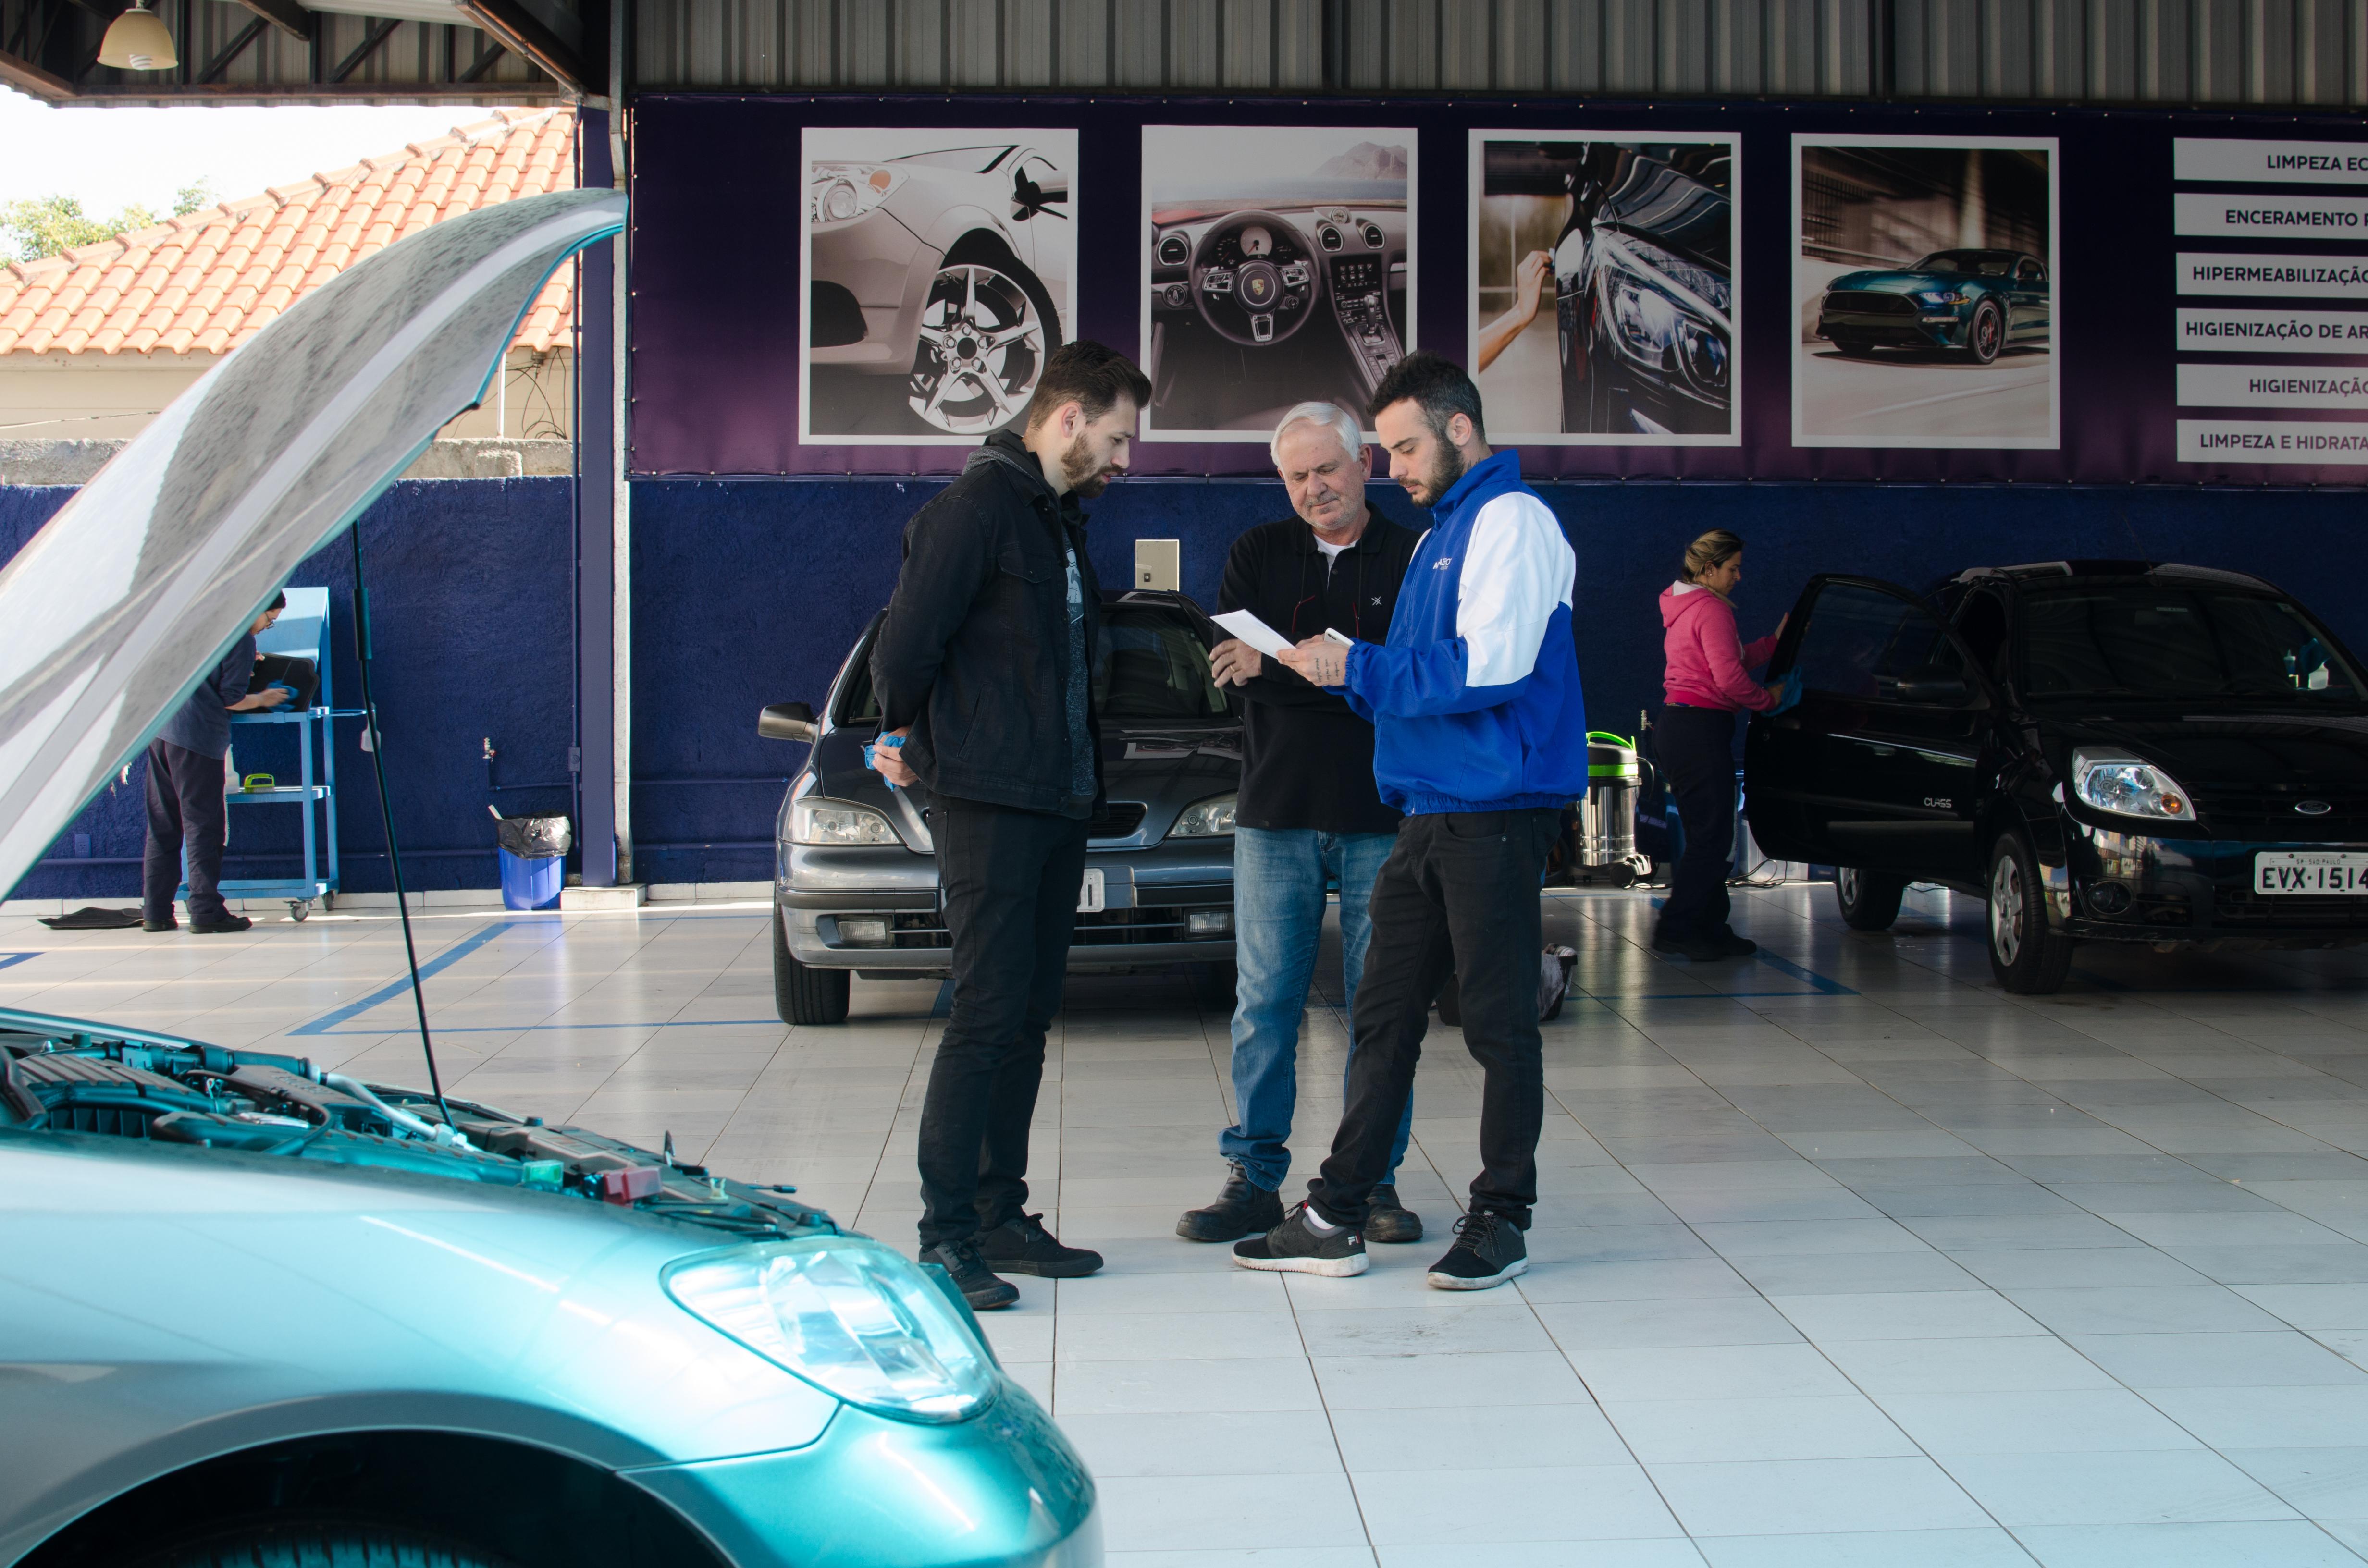 Vemos que um vendedor conversa co dois clientes em uma franquia de serviços automotivos (imagem ilustrativa). Texto: franquia automotiva.